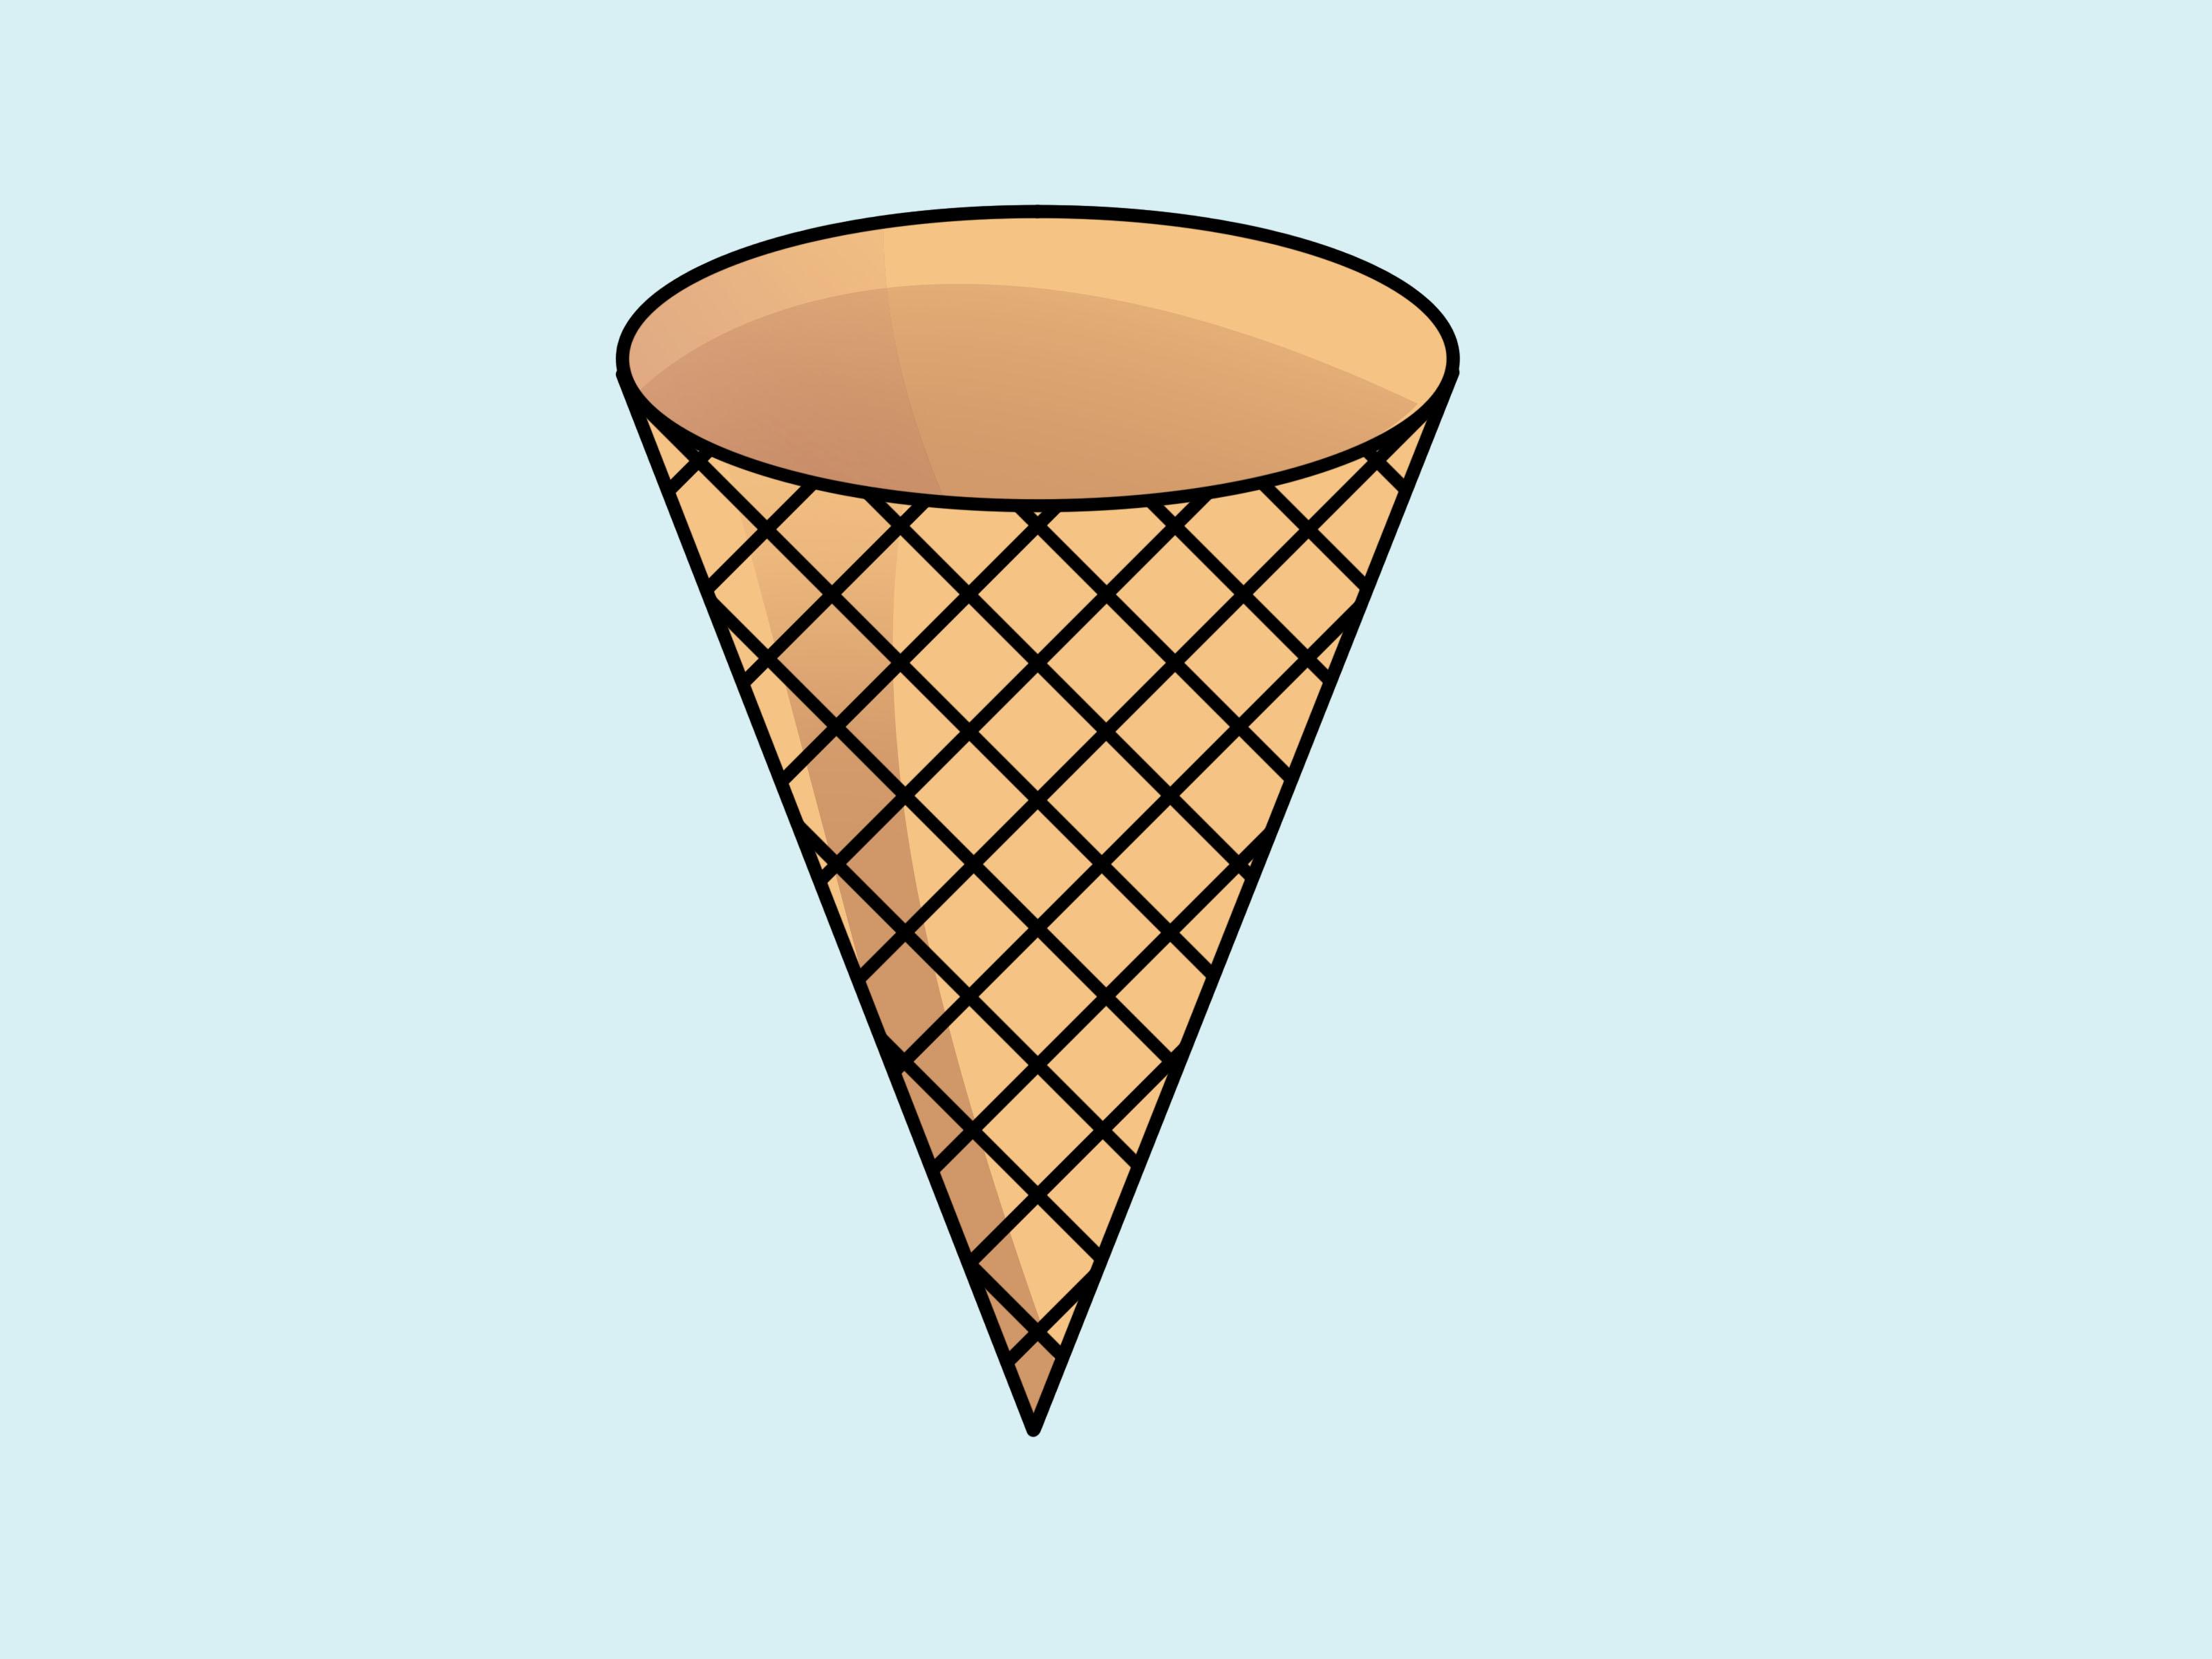 Ice cream cone clip art clipartfest